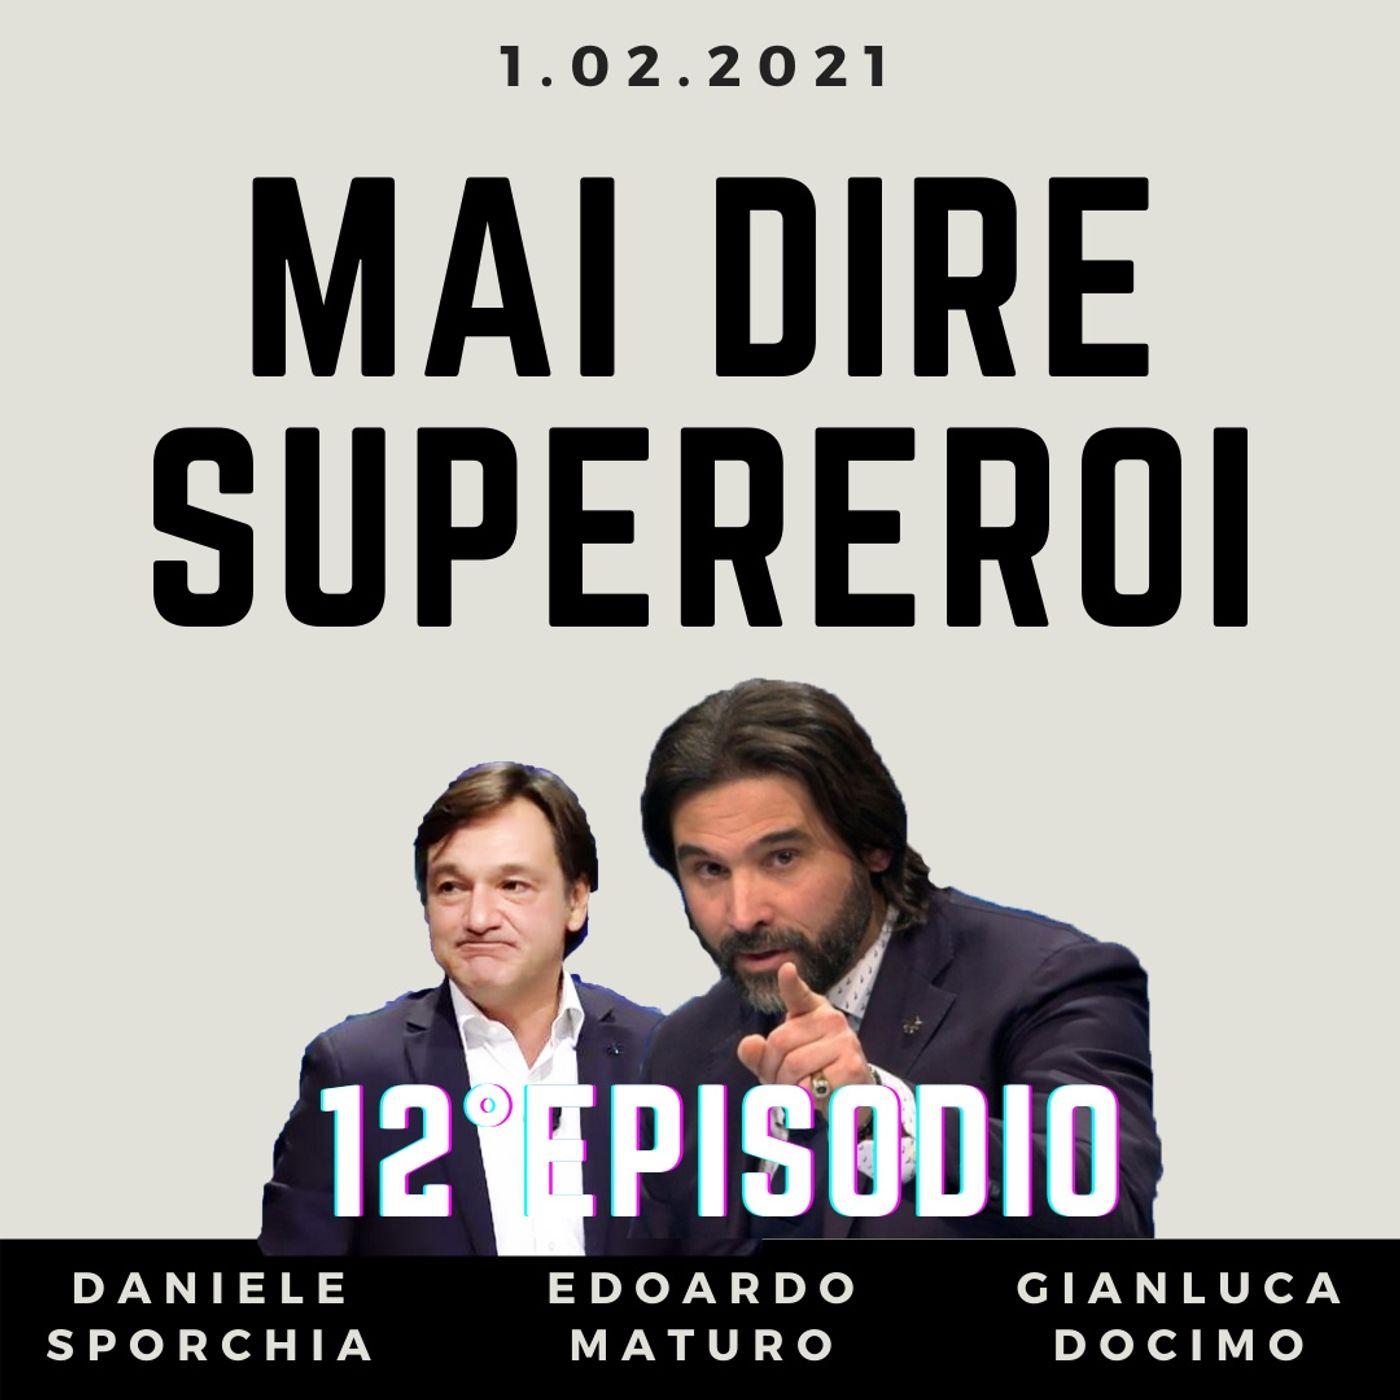 MAI DIRE SUPEREROI - 12° EPISODIO